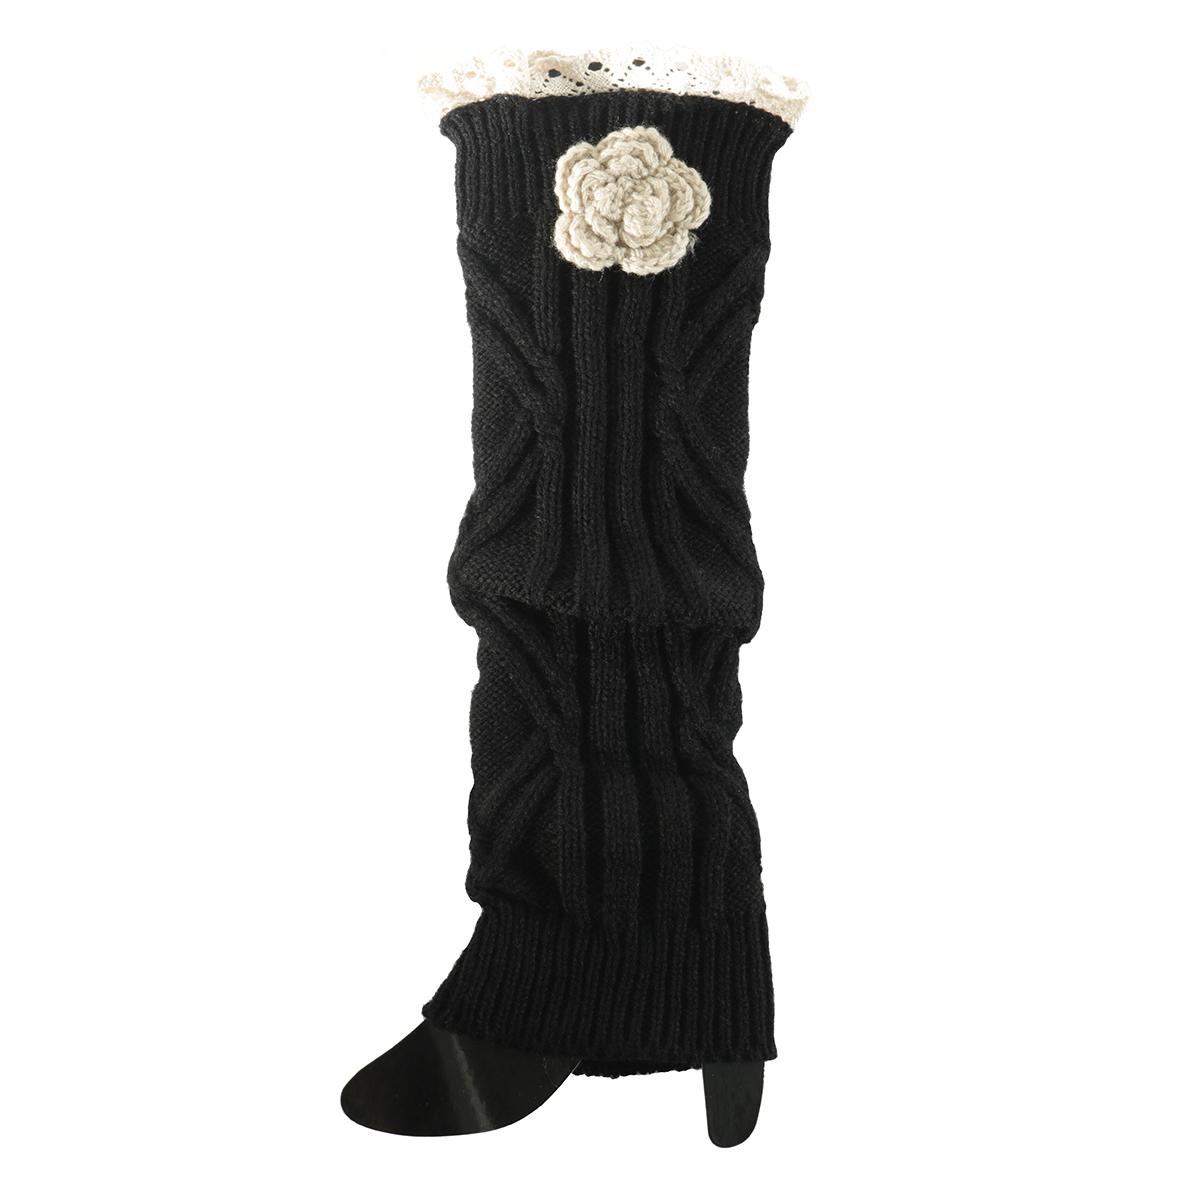 Black Crochet Flower Boot Cuff